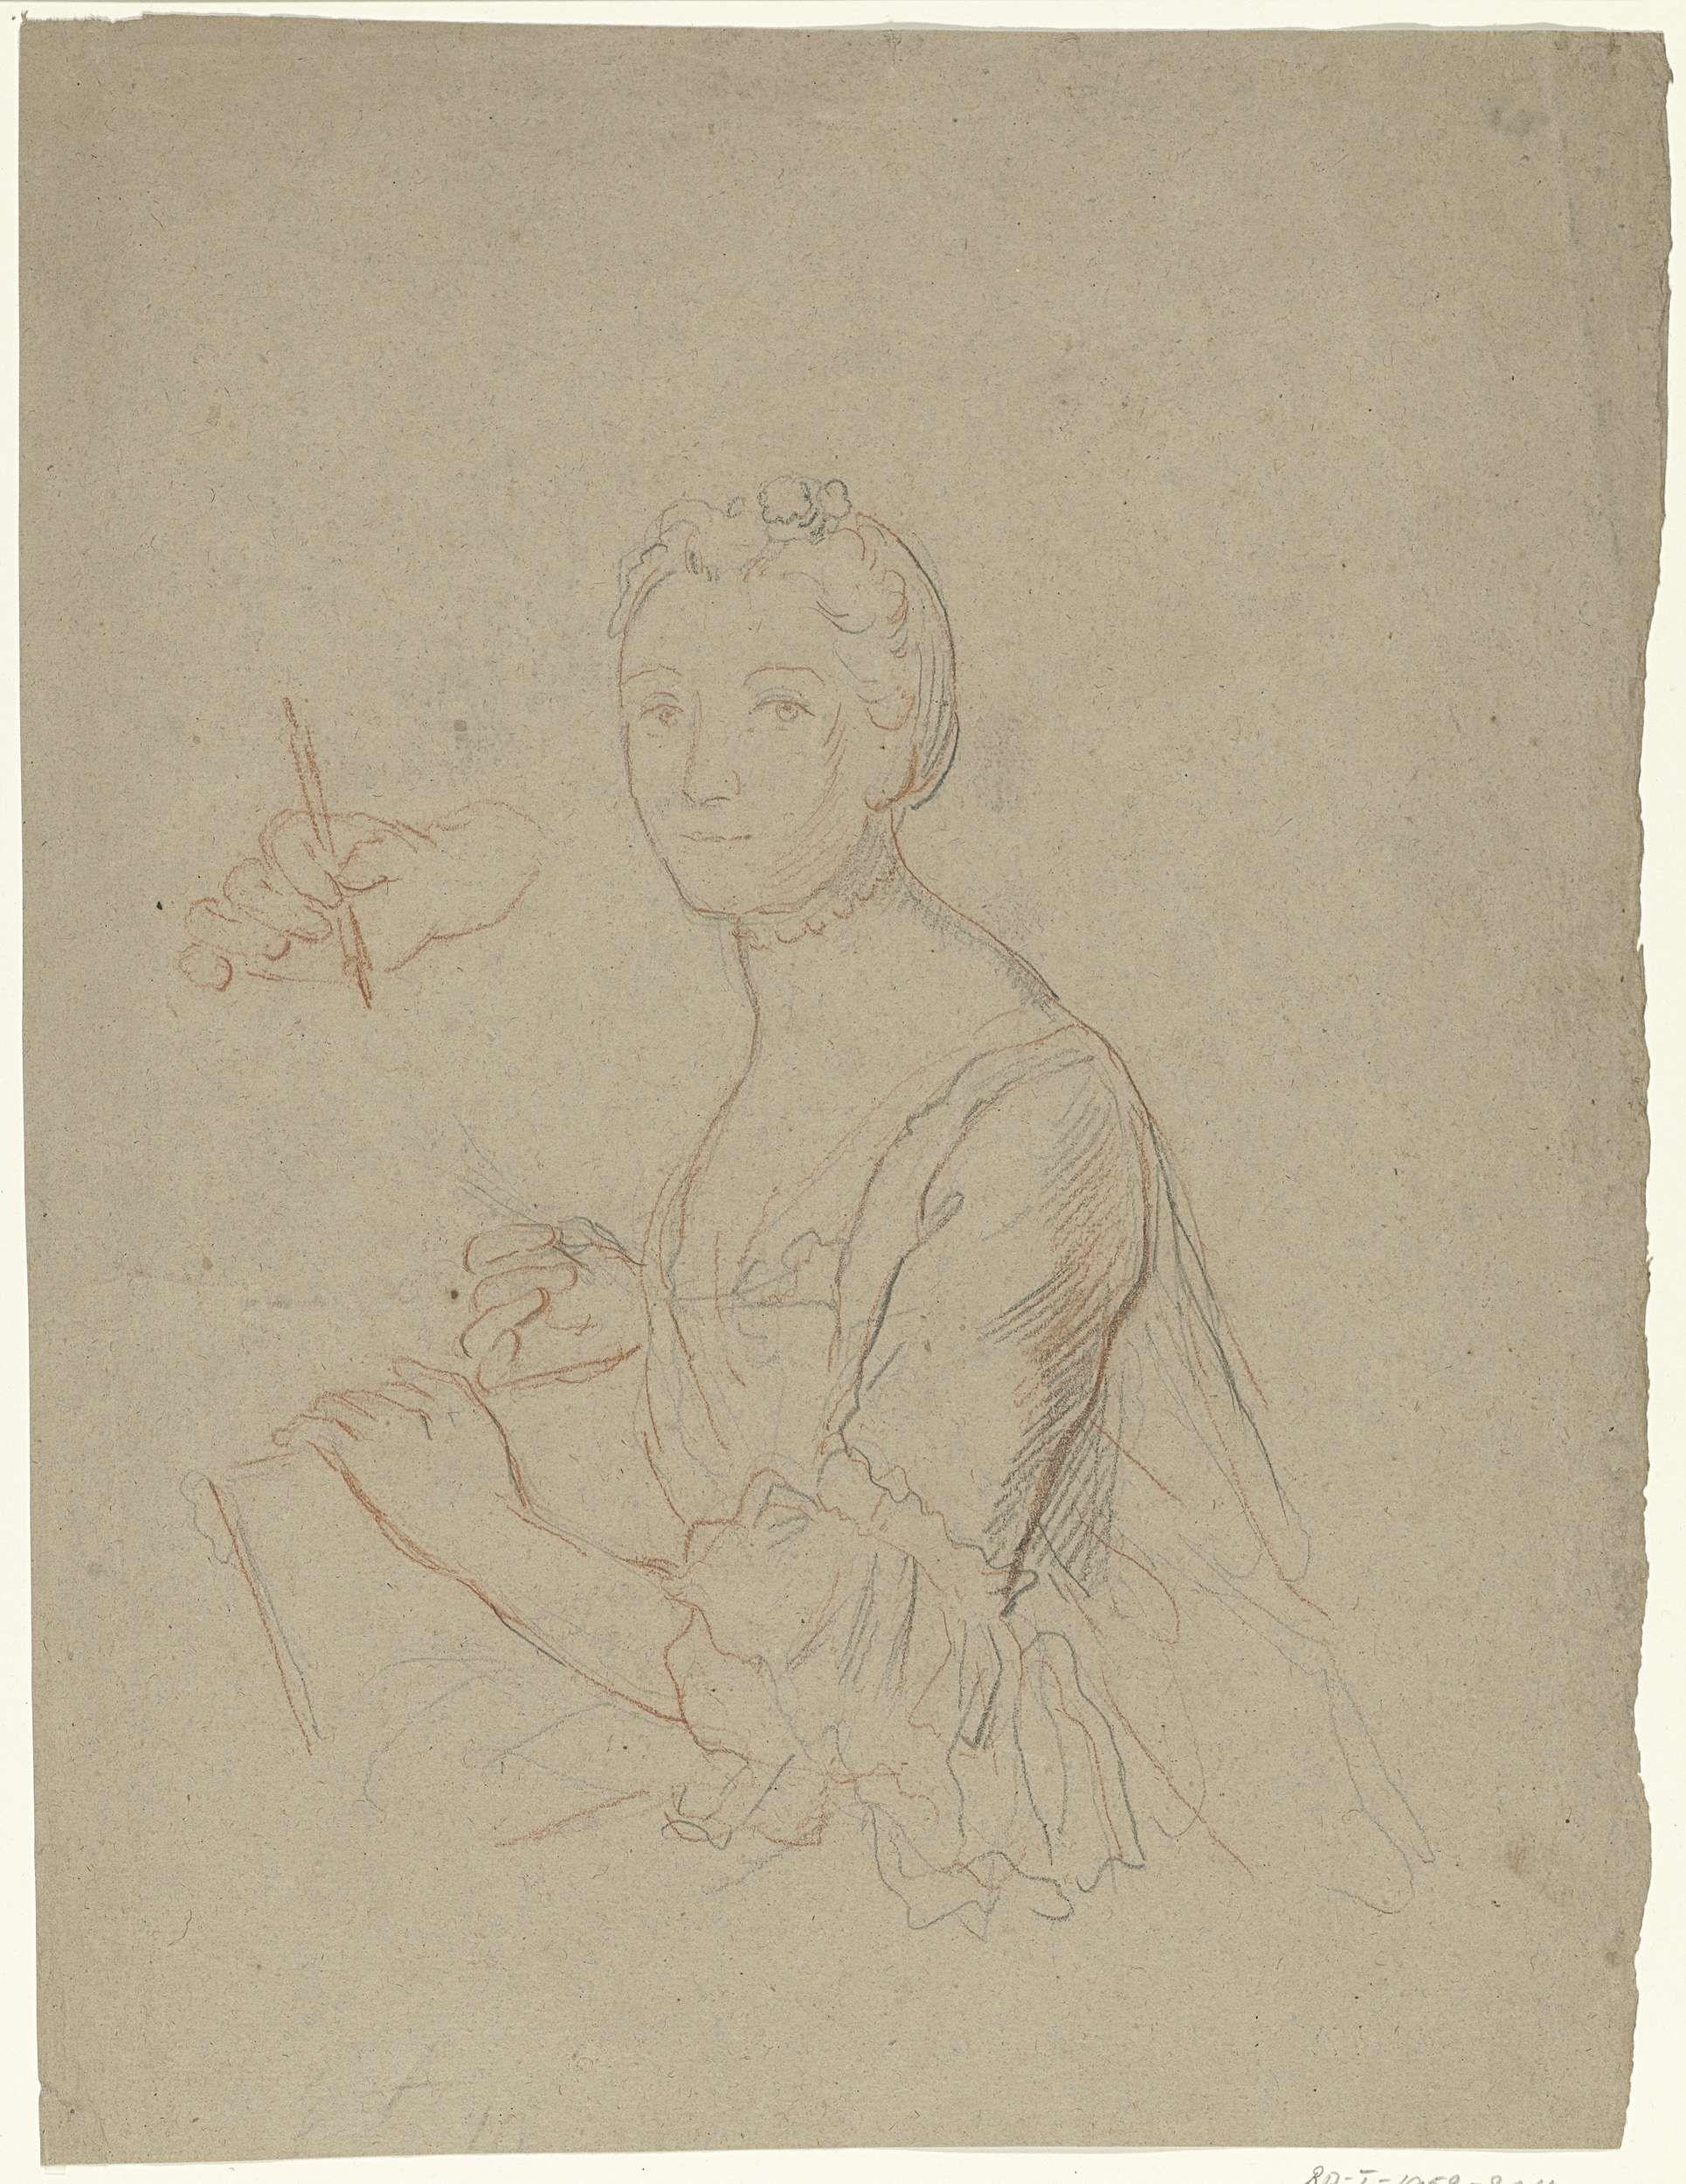 Anonymous | Portret van een dame met papier en stift, Anonymous, 1700 - 1800 | Portret van een dame met papier en stift; haar hand met de stift nogmaals afzonderlijk herhaald.